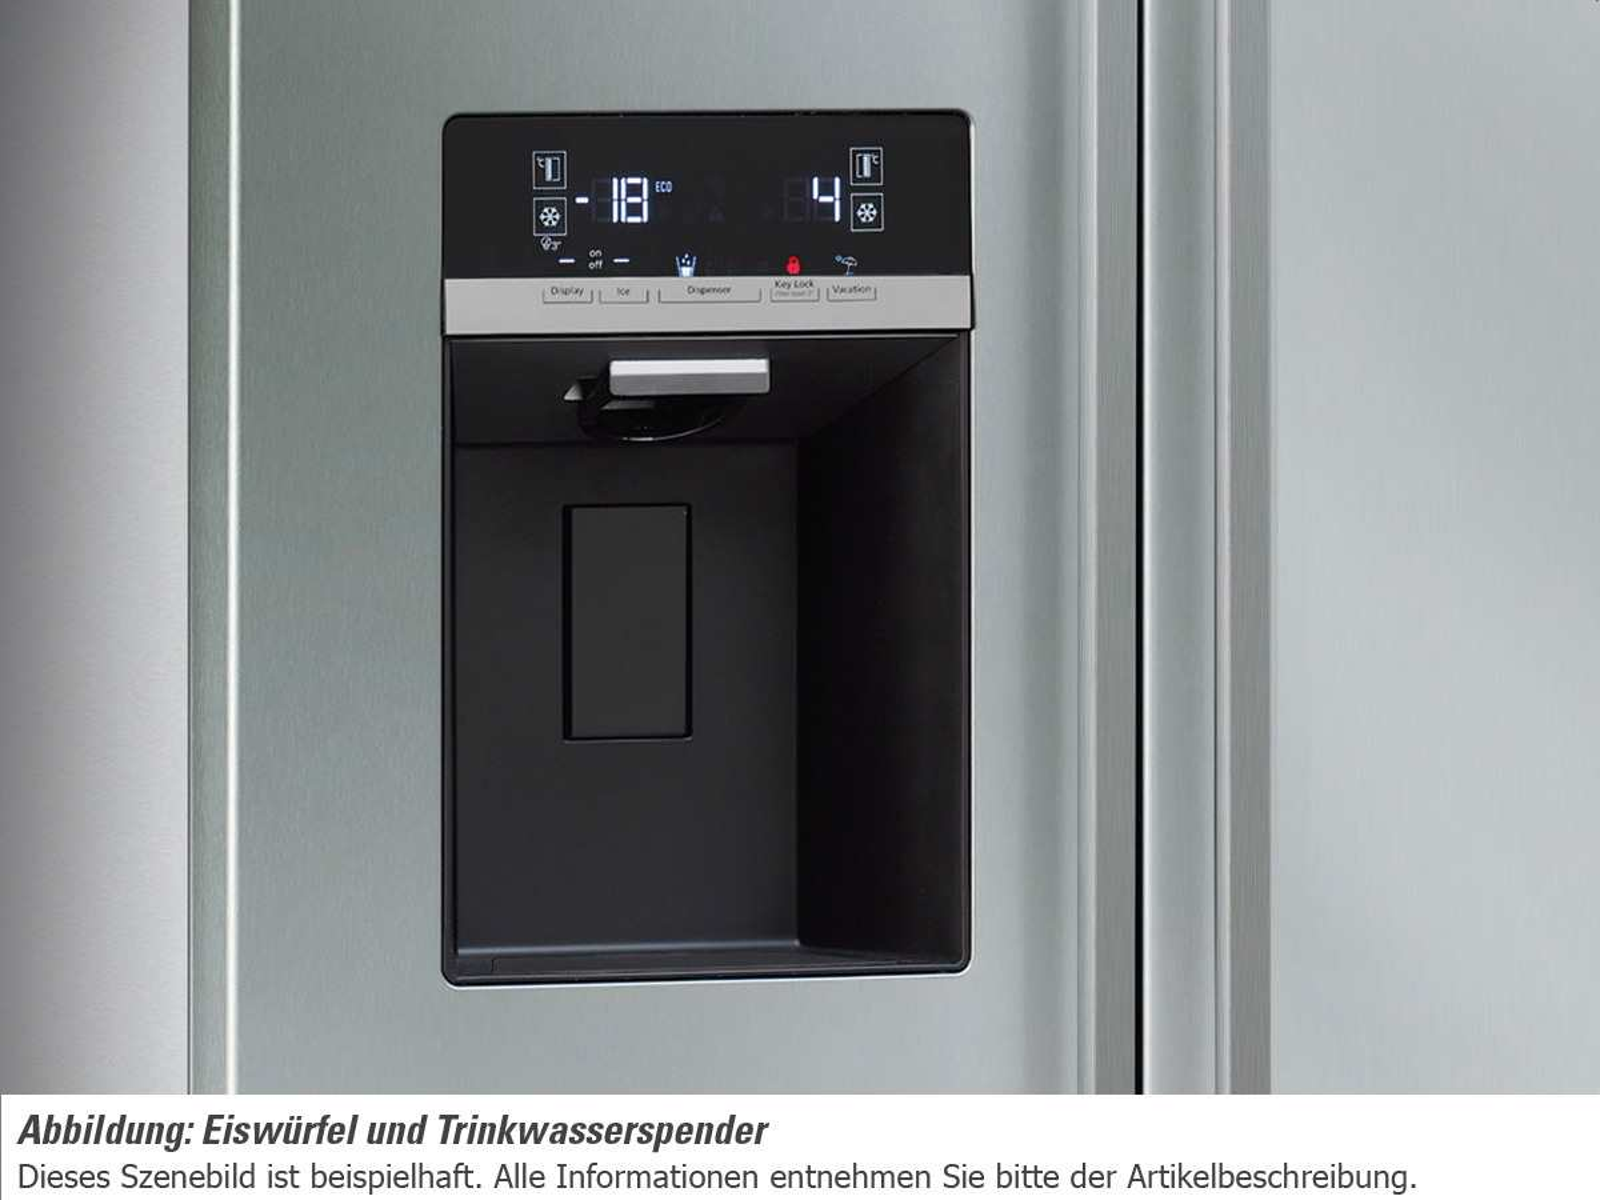 Bosch Kühlschrank Immer Wasser Unter Gemüsefach : Smeg kühlschrank türdichtung: smeg kühlschrank in sachsen ebay